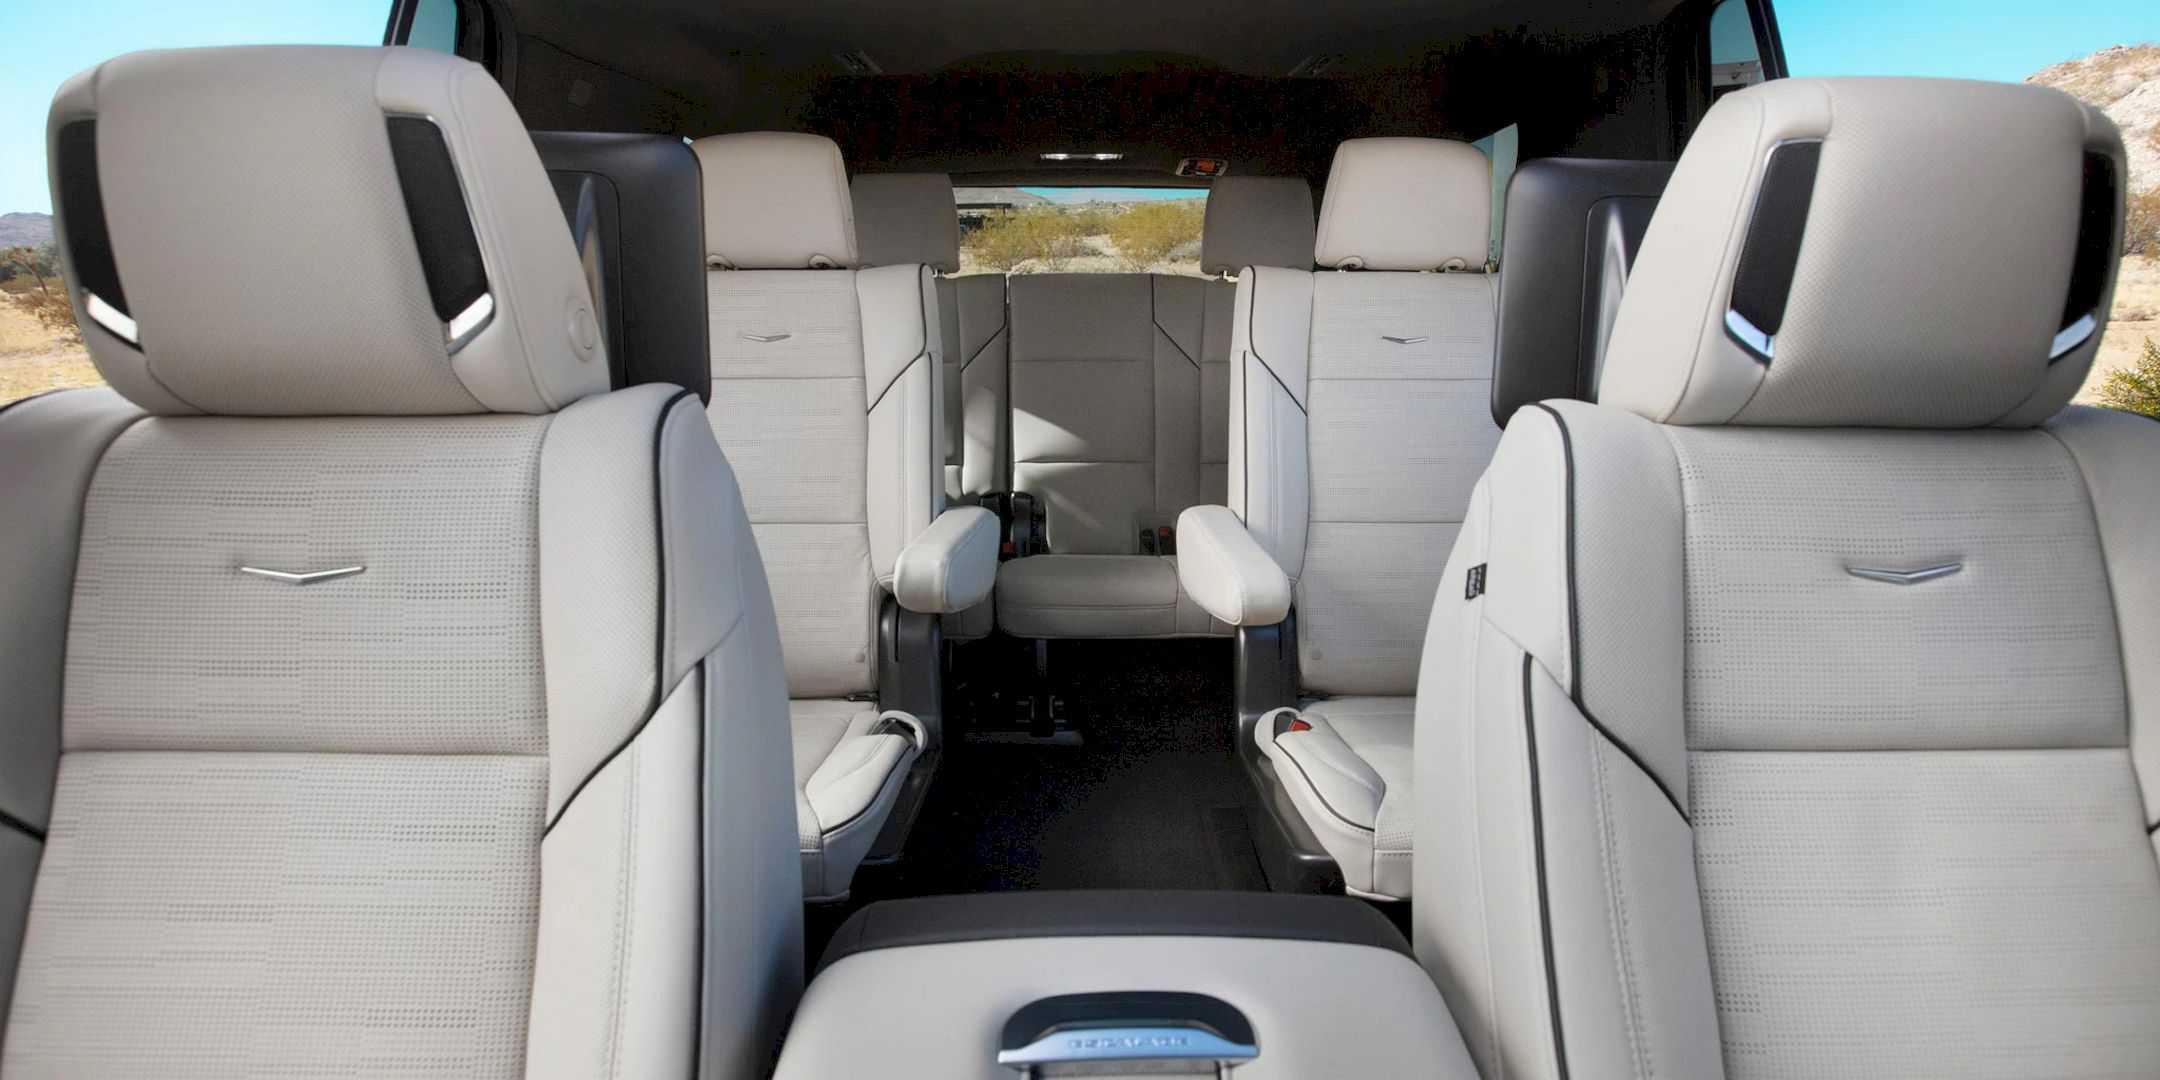 2021 Cadillac Escalade SUV 4